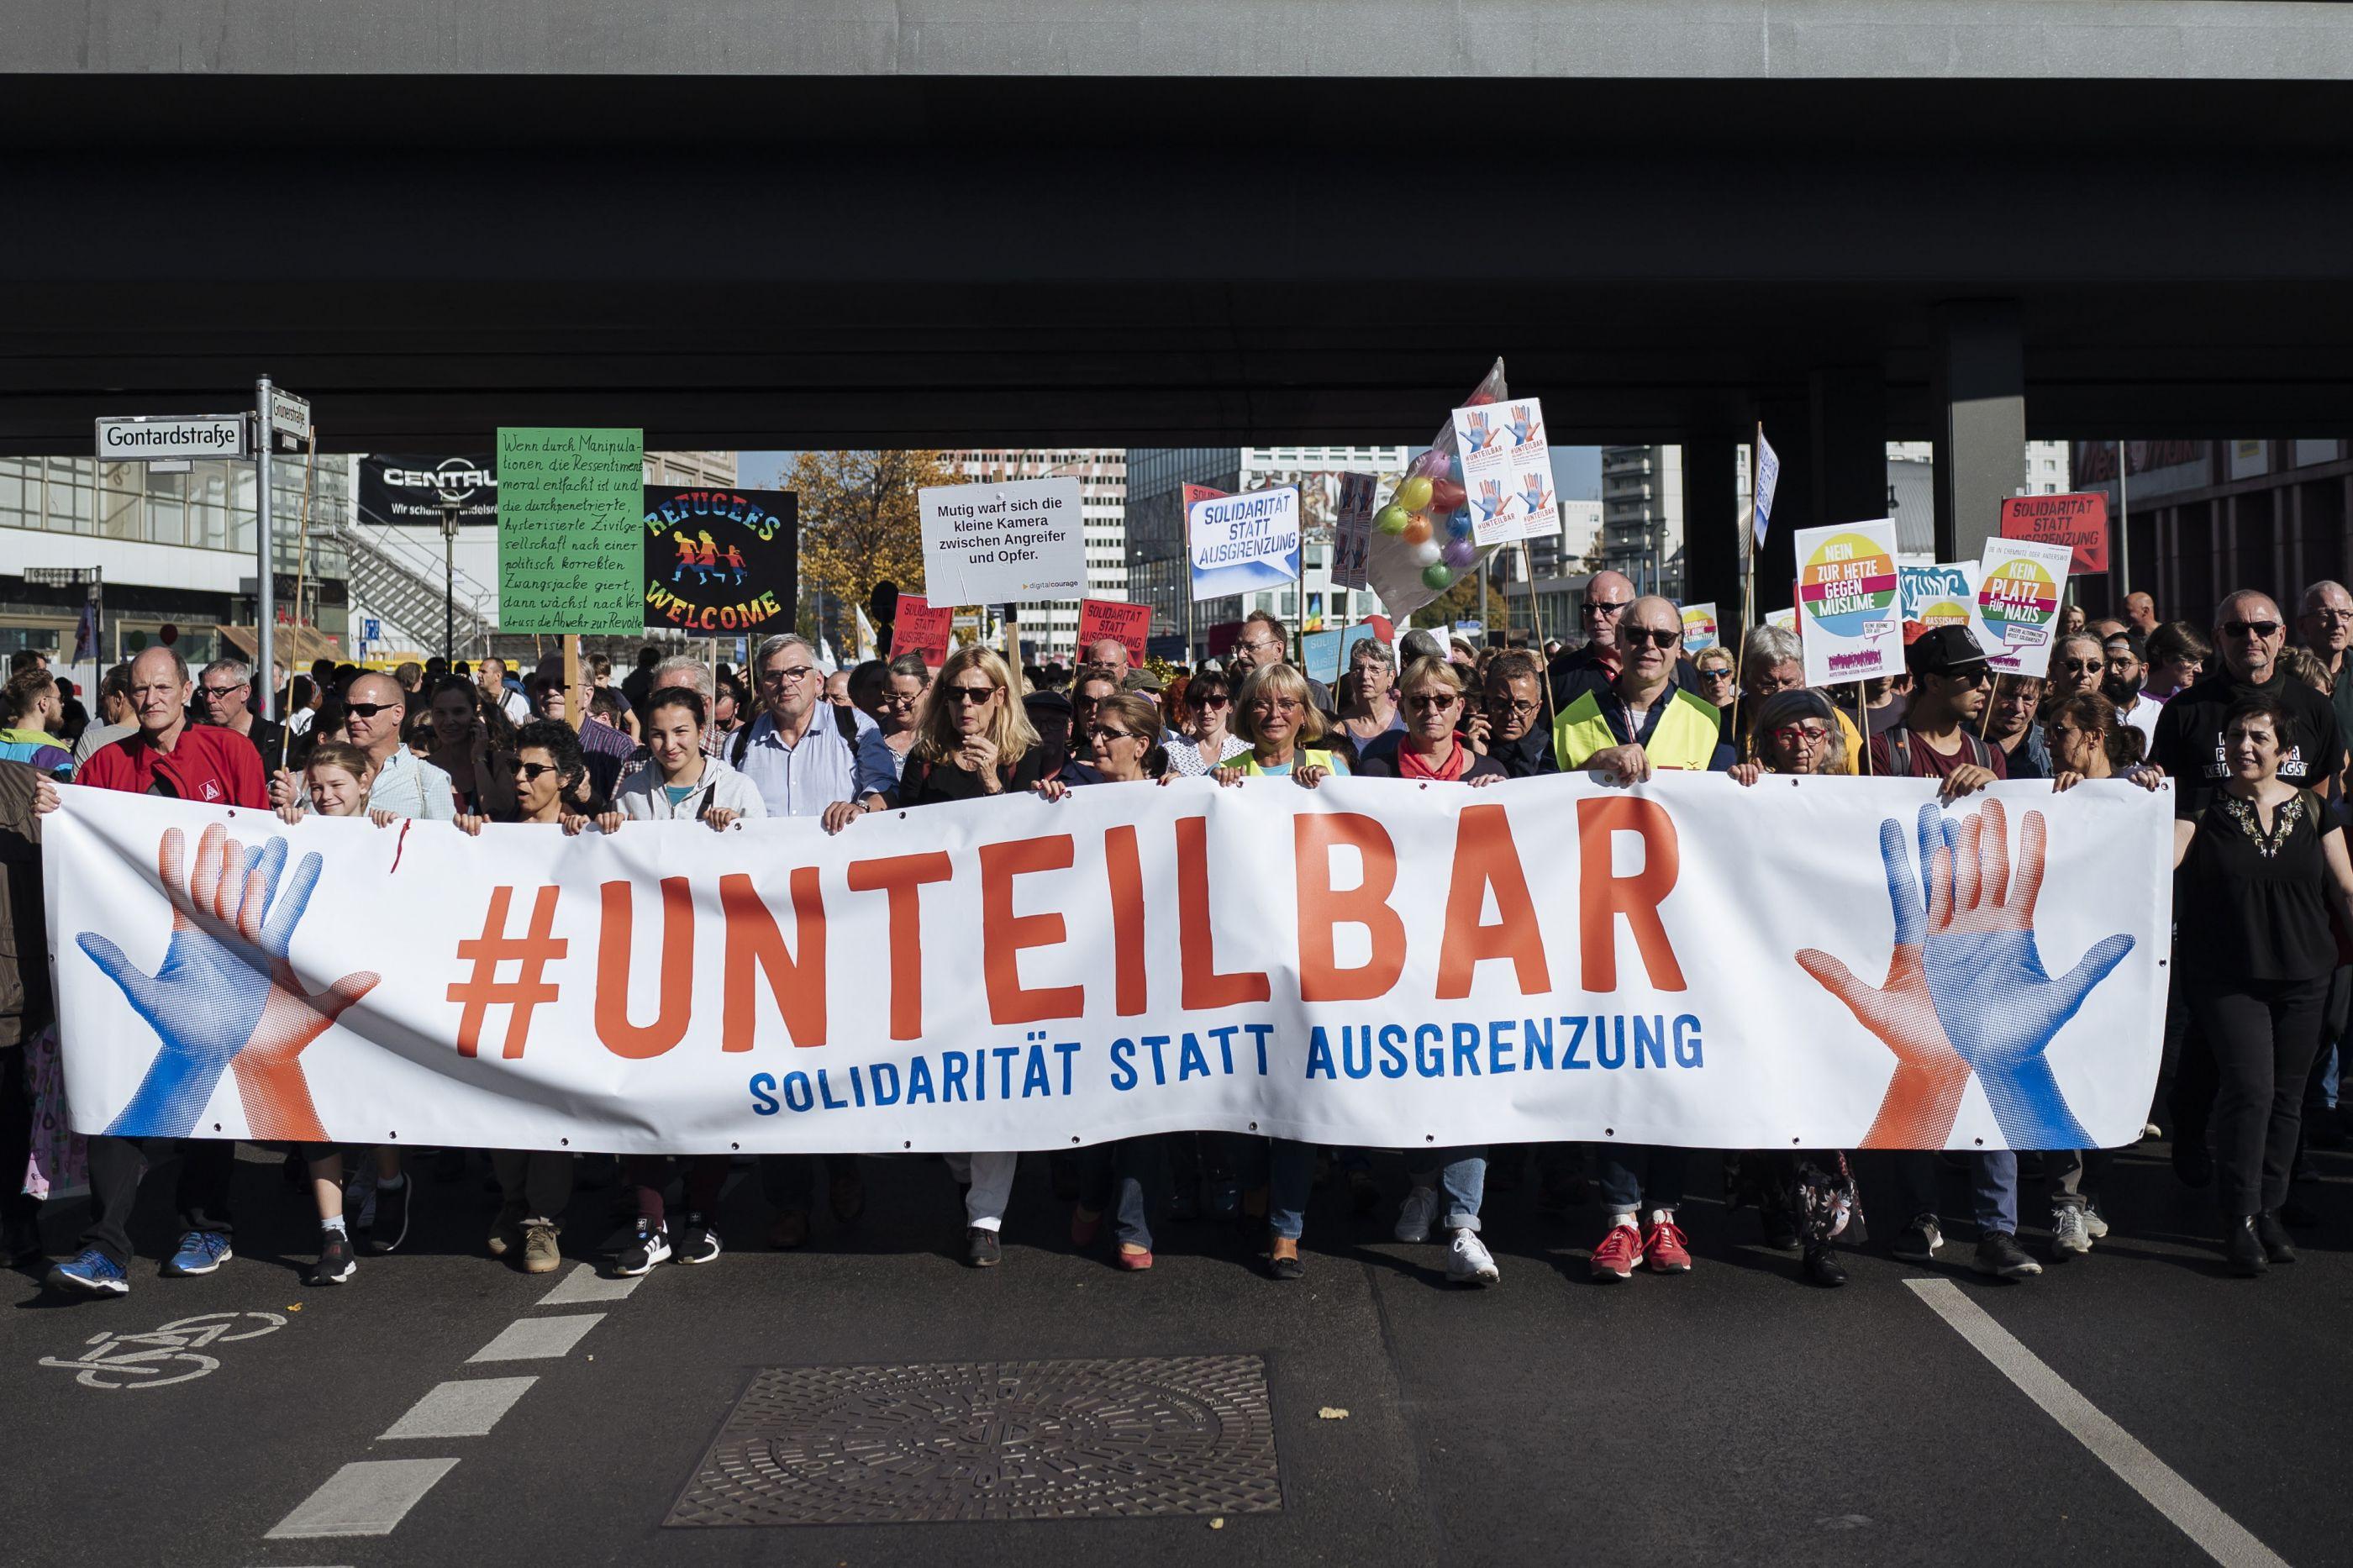 Milhares juntam-se no centro de Berlim contra o racismo e xenofobia